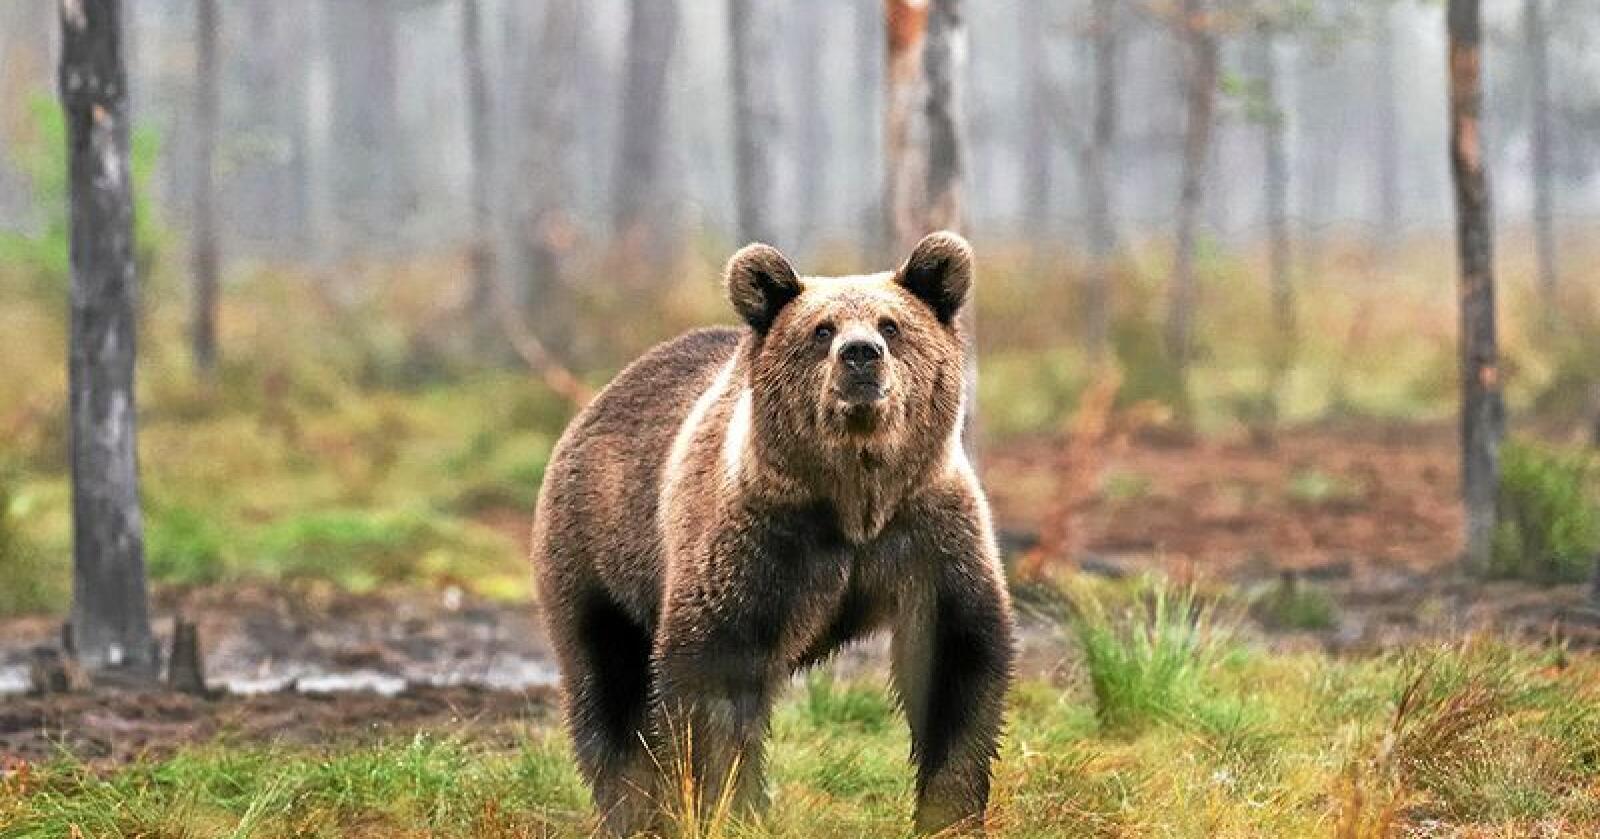 Klima- og miljødepartementet mener rovviltnemnda i region 6 må sette av et større område som prioritert yngleområde for bjørn. Foto: Mostphotos